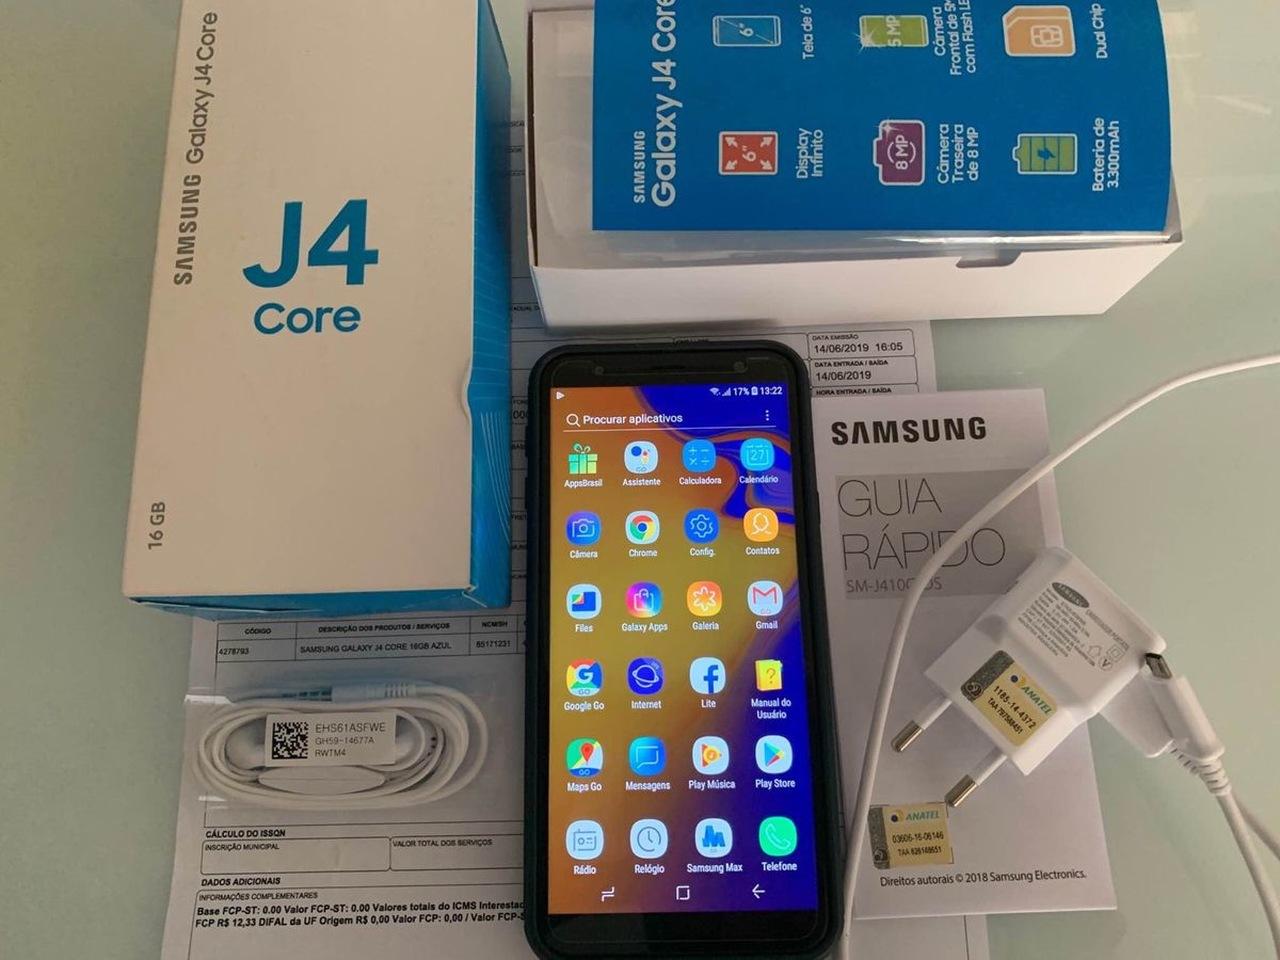 17062020 celular Easy Resize.com - VERGONHA: Prefeitura do sertão compra 12 Smartphones por R$ 8,3 mil com a justificativa de combate ao Covid-19